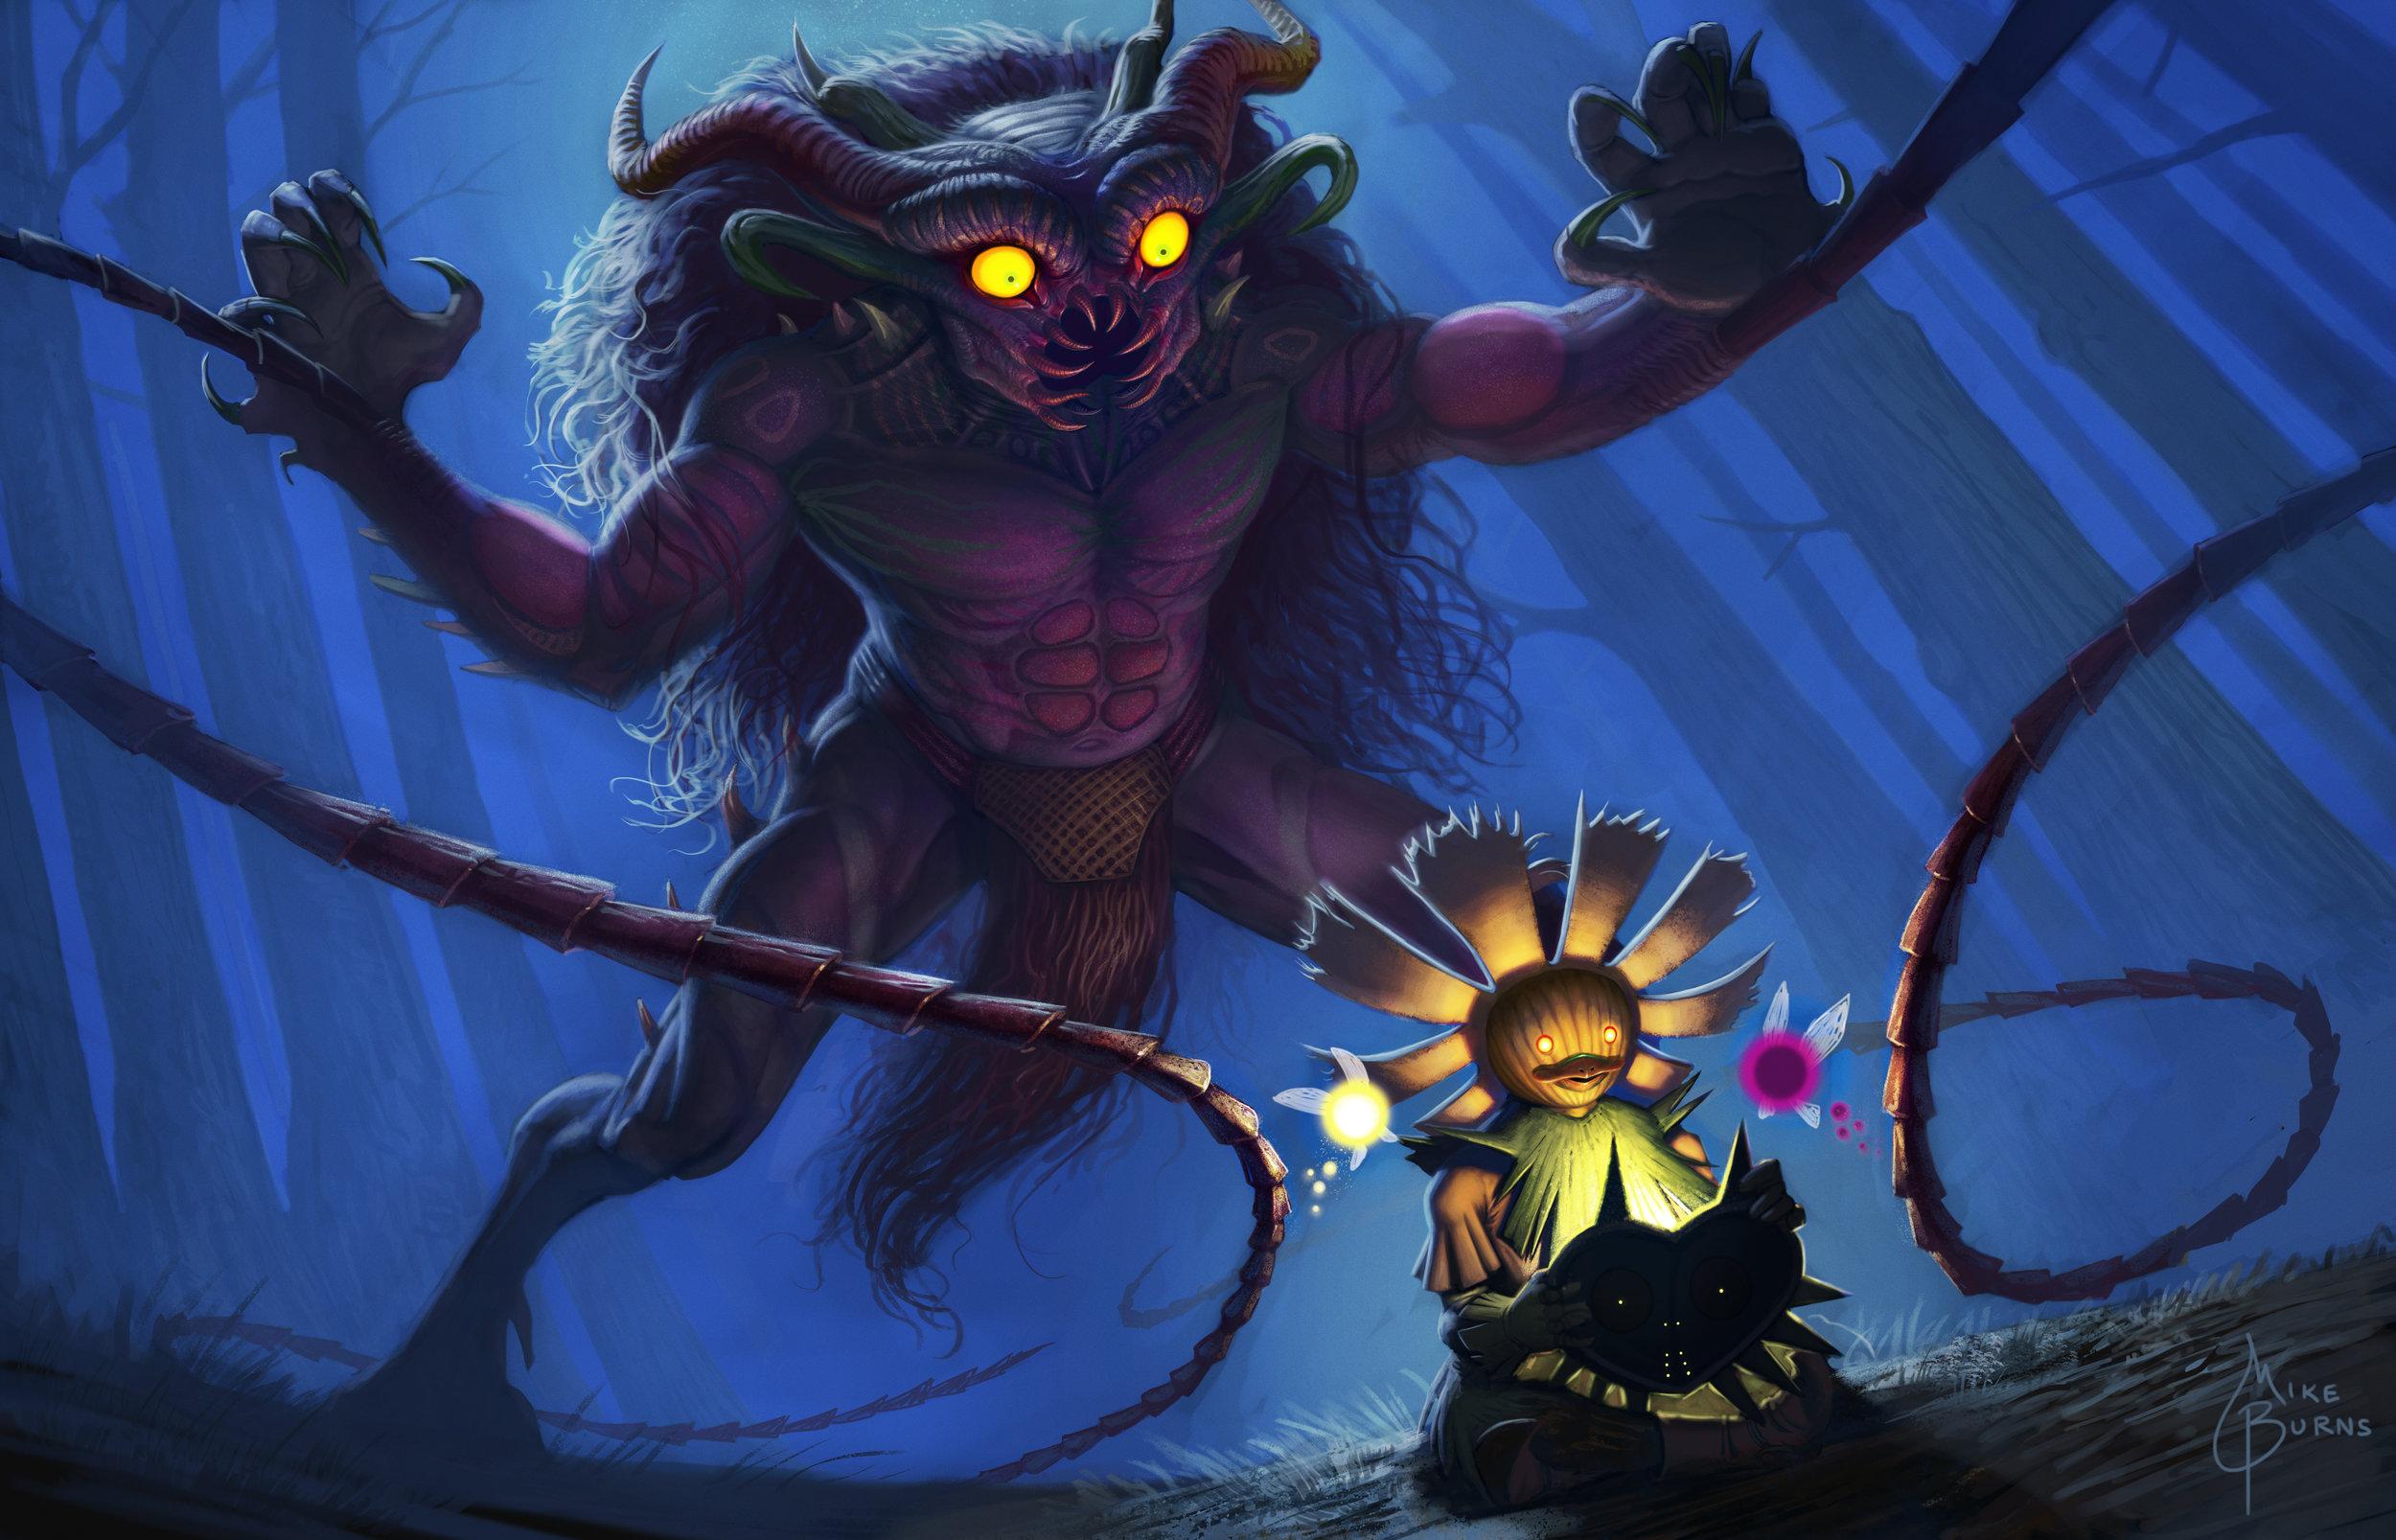 The Temptation of Majora - (Legend of Zelda: Majora's Mask)